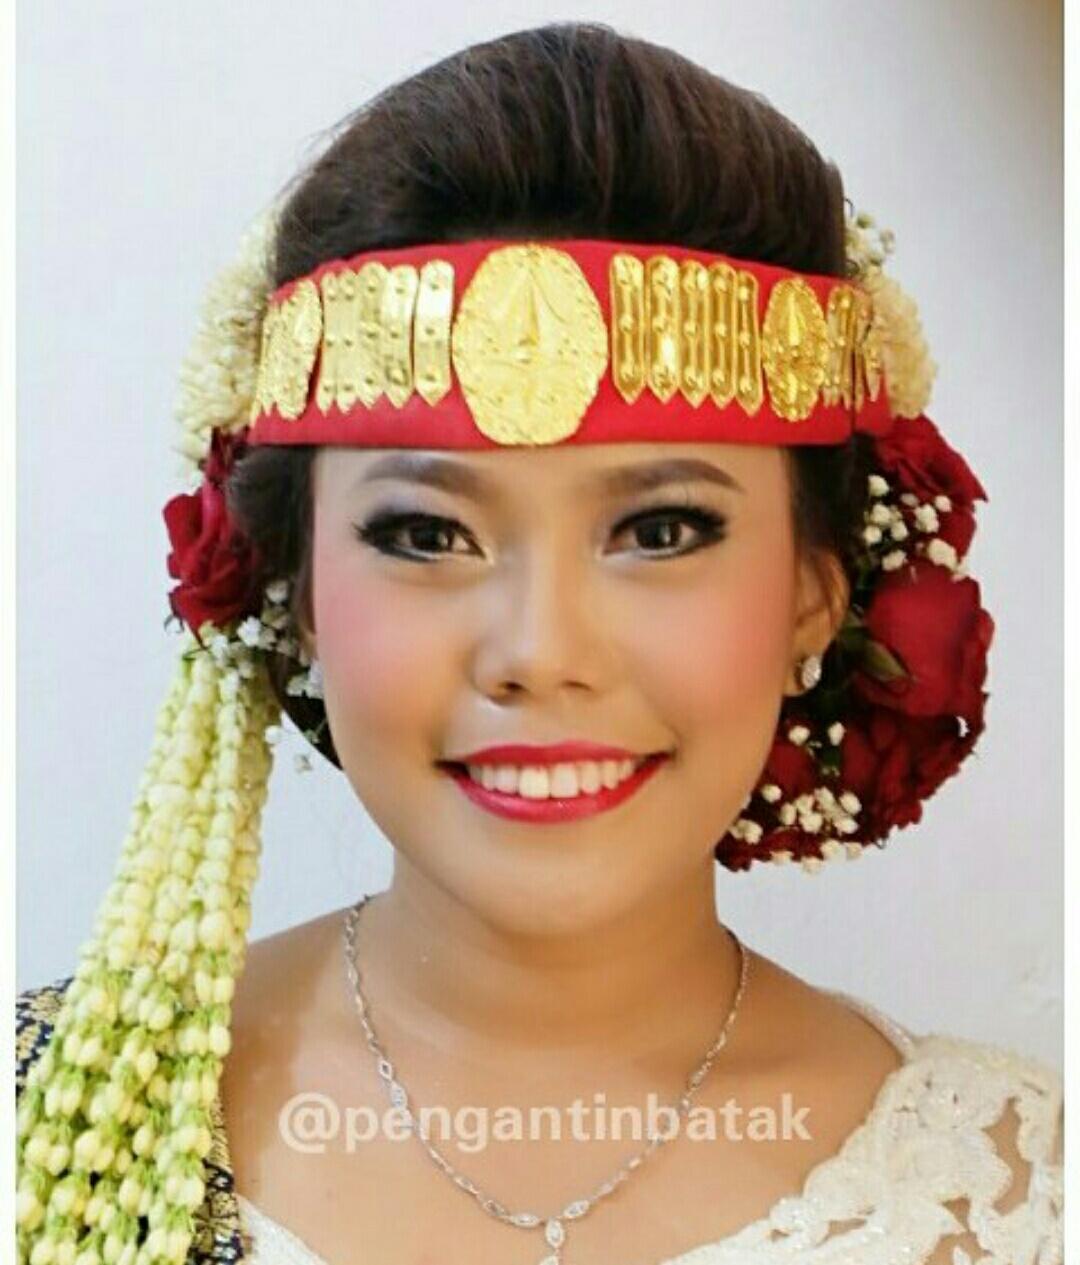 Make Up Pengantin Batak Saubhaya Makeup